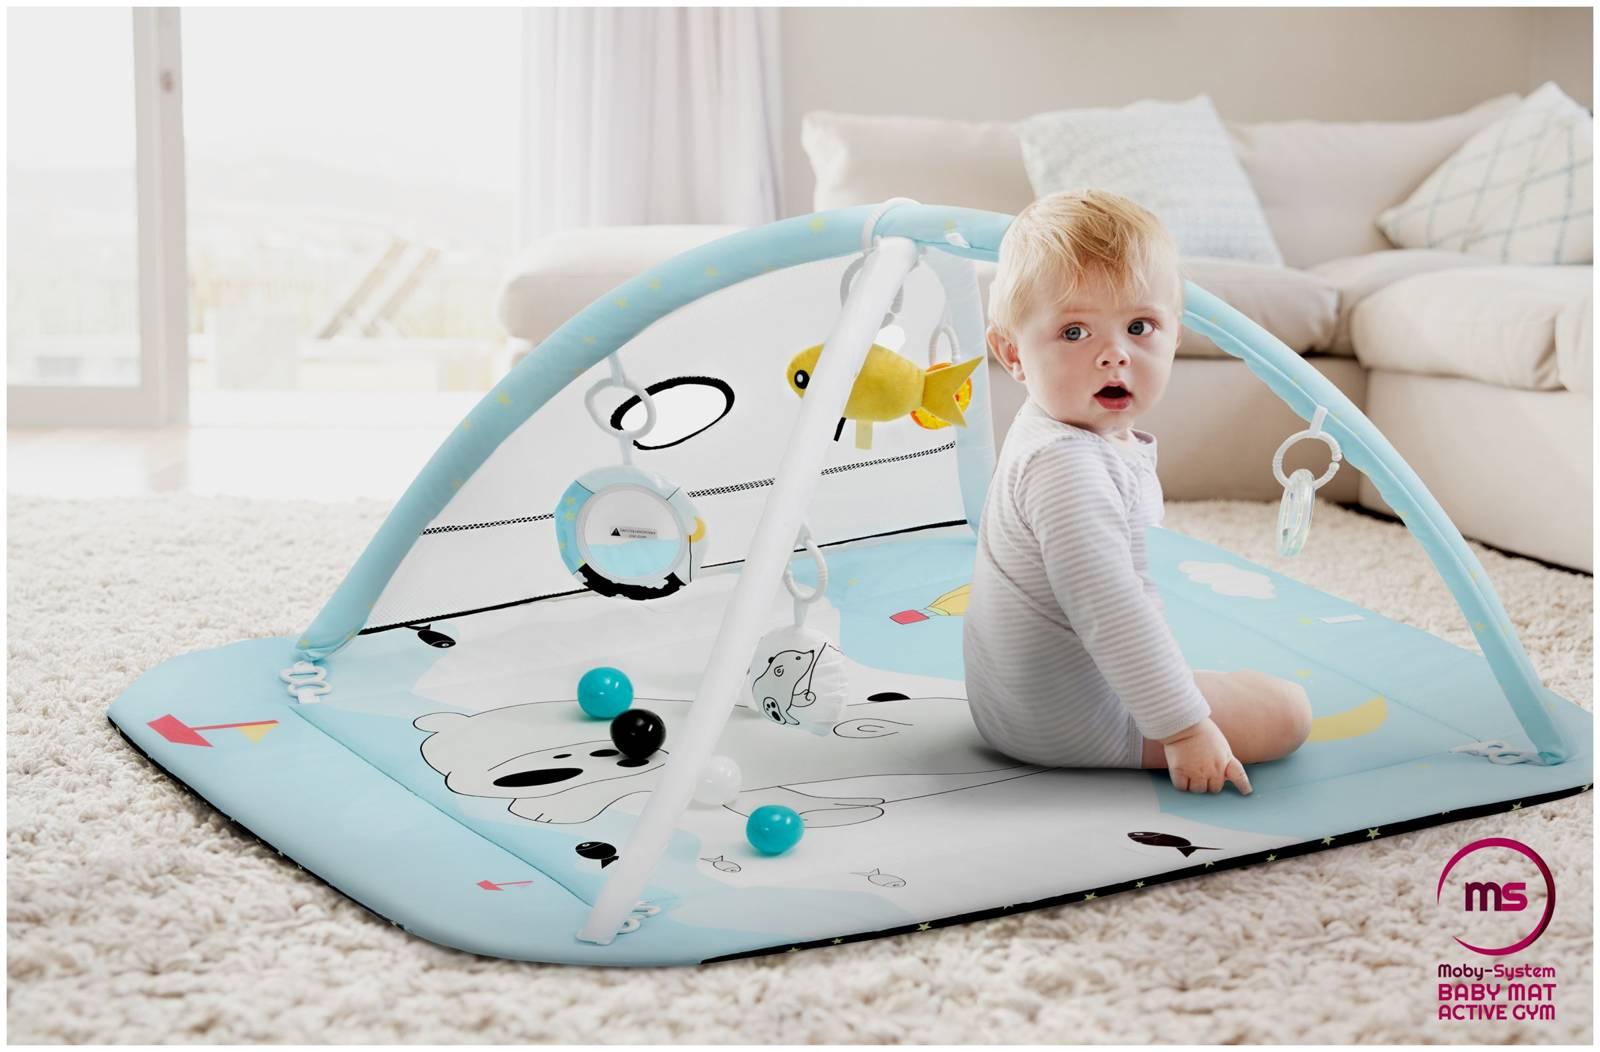 Kojec + Mata interaktywna do zabawy 5w1 z piłeczkami - Moby-System BABY MAT ACTIVE GYM 0+